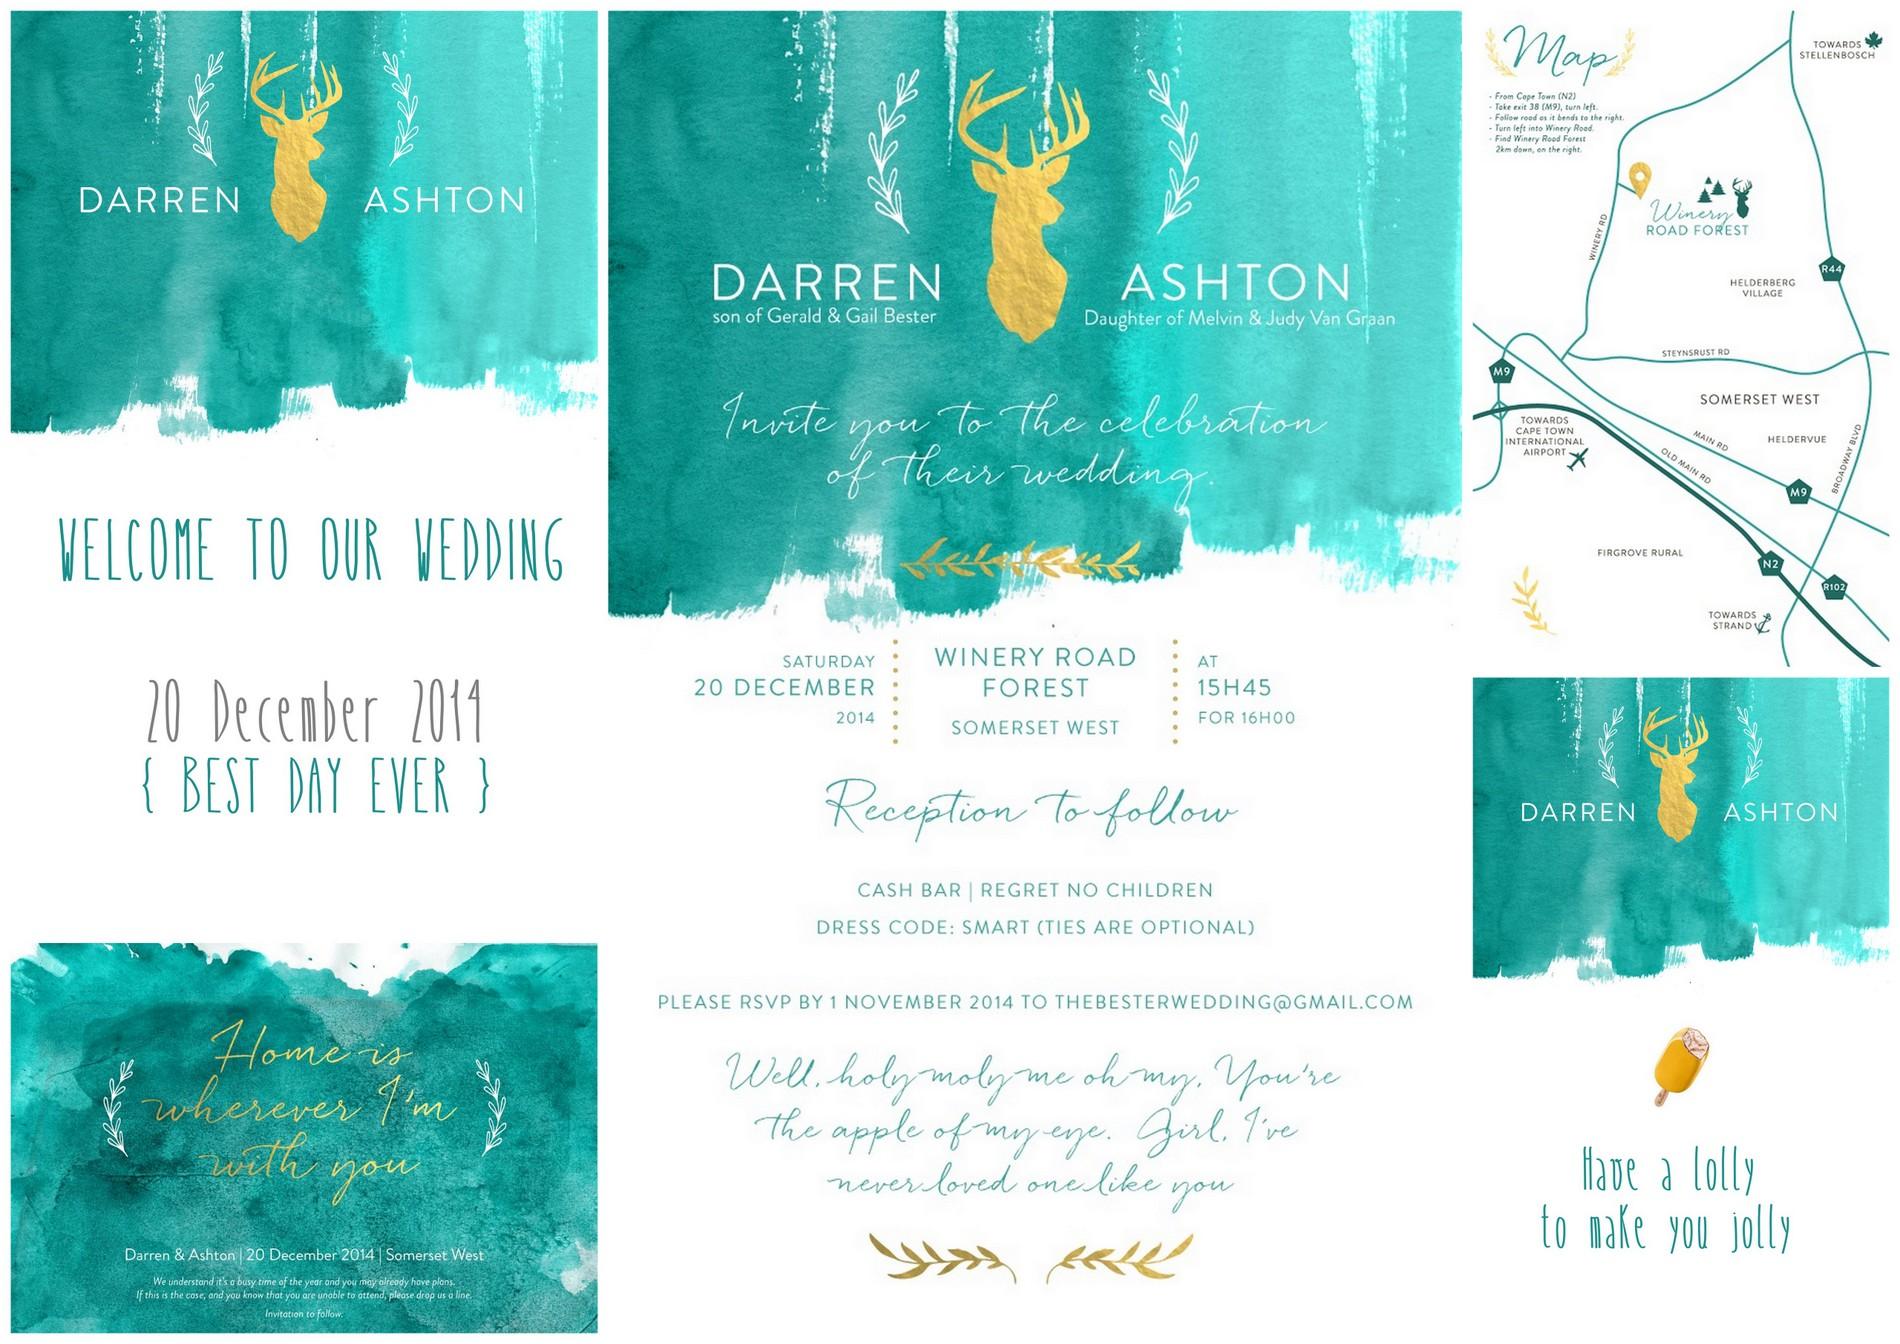 Darren-Bester-Photography-Planning-a-Wedding-1.jpg